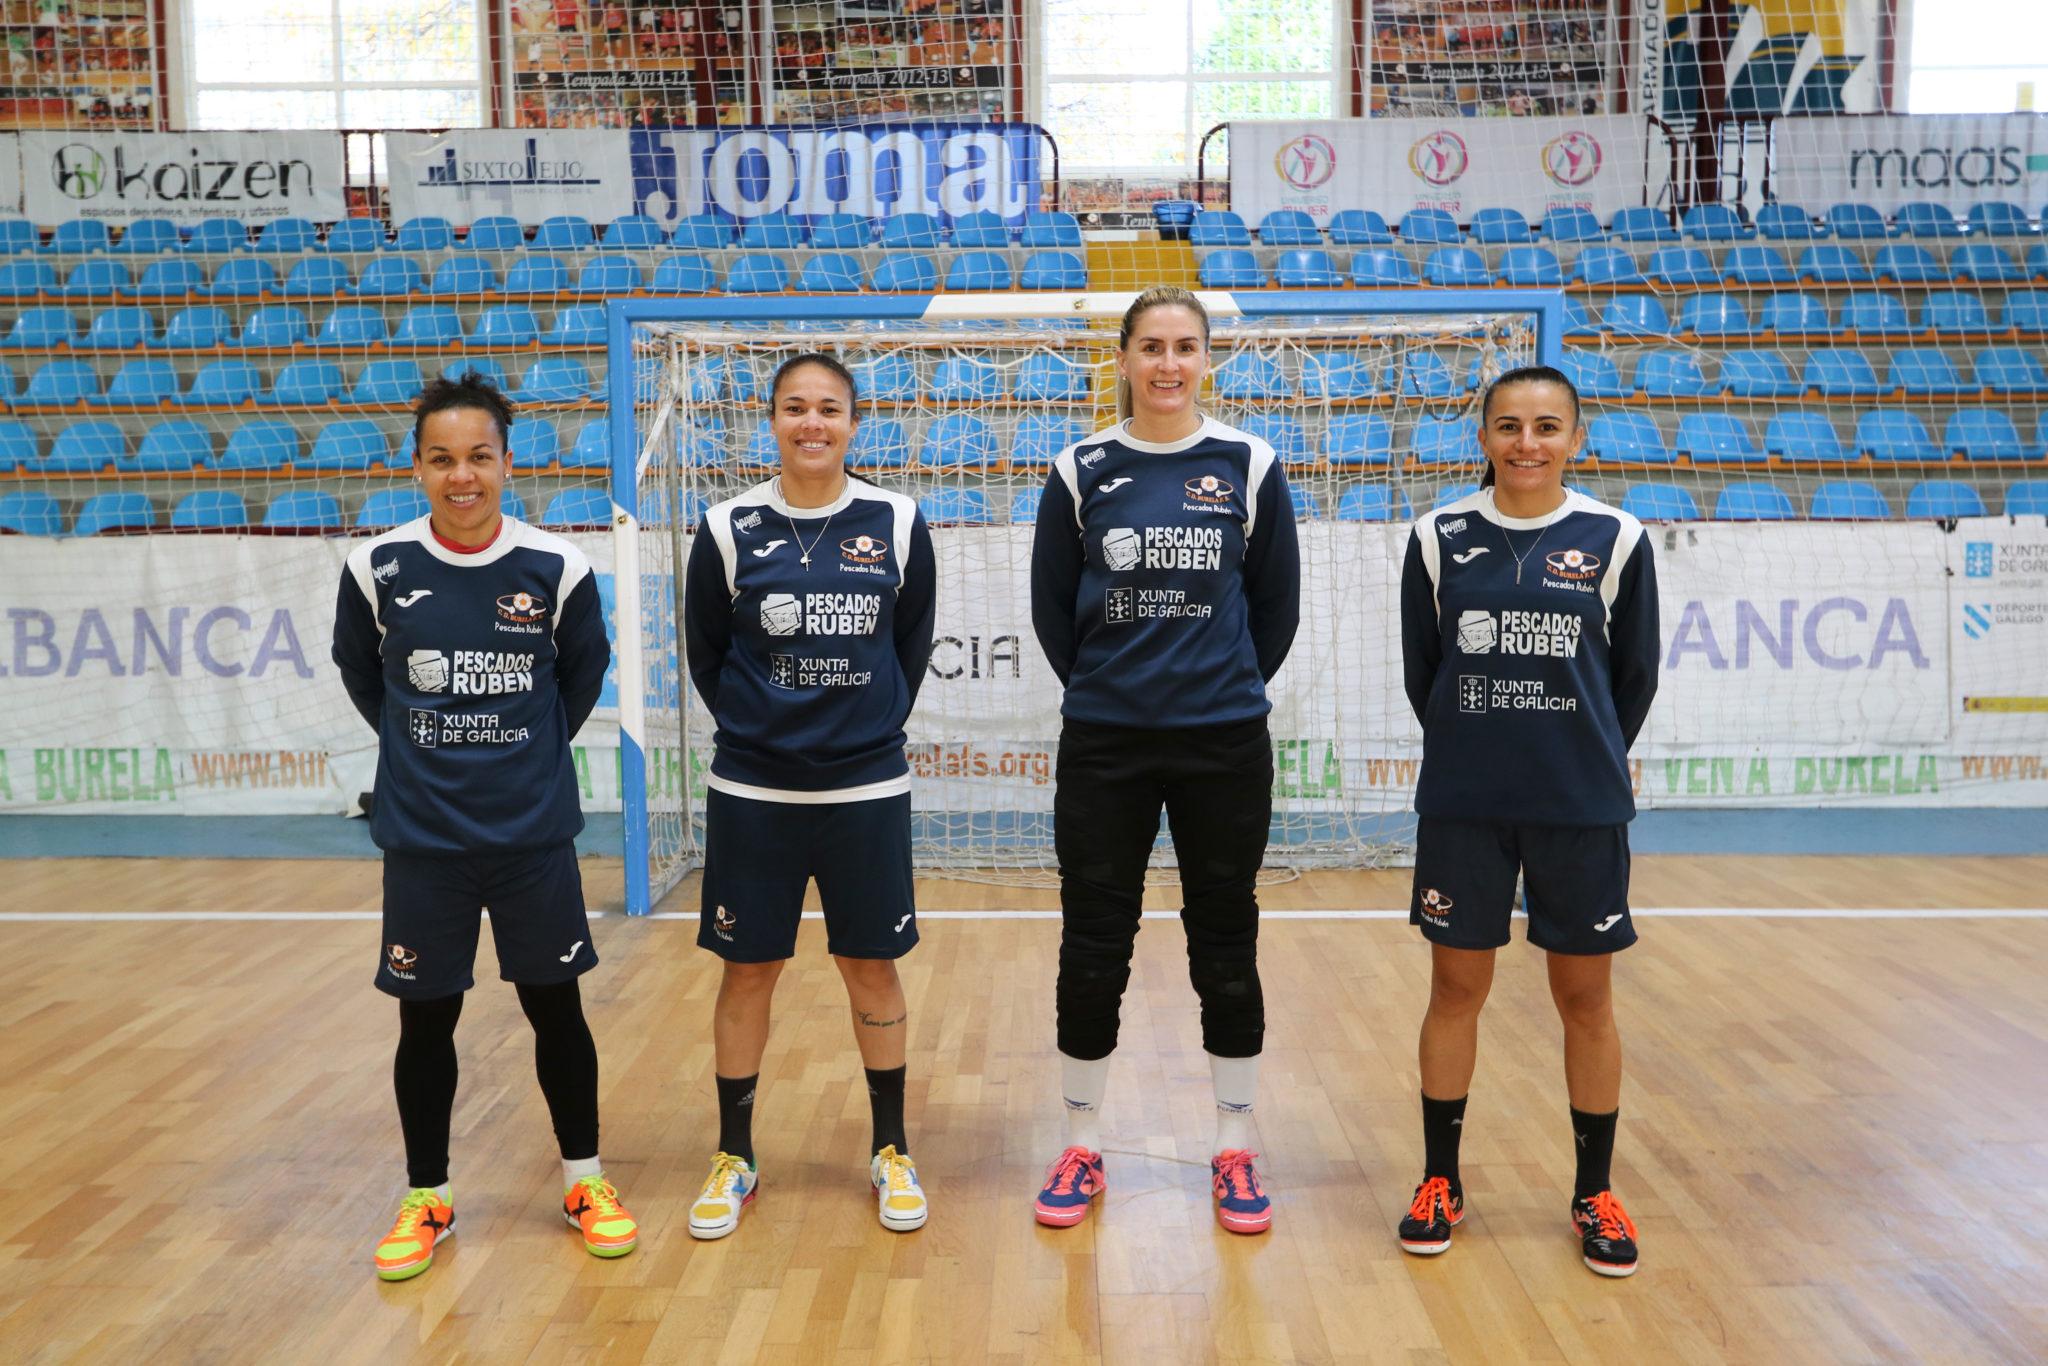 Futbolistas do Burela convocadas pola Selección de Brasil: Dany, Cami, Jozi e Jane / BURELA FS